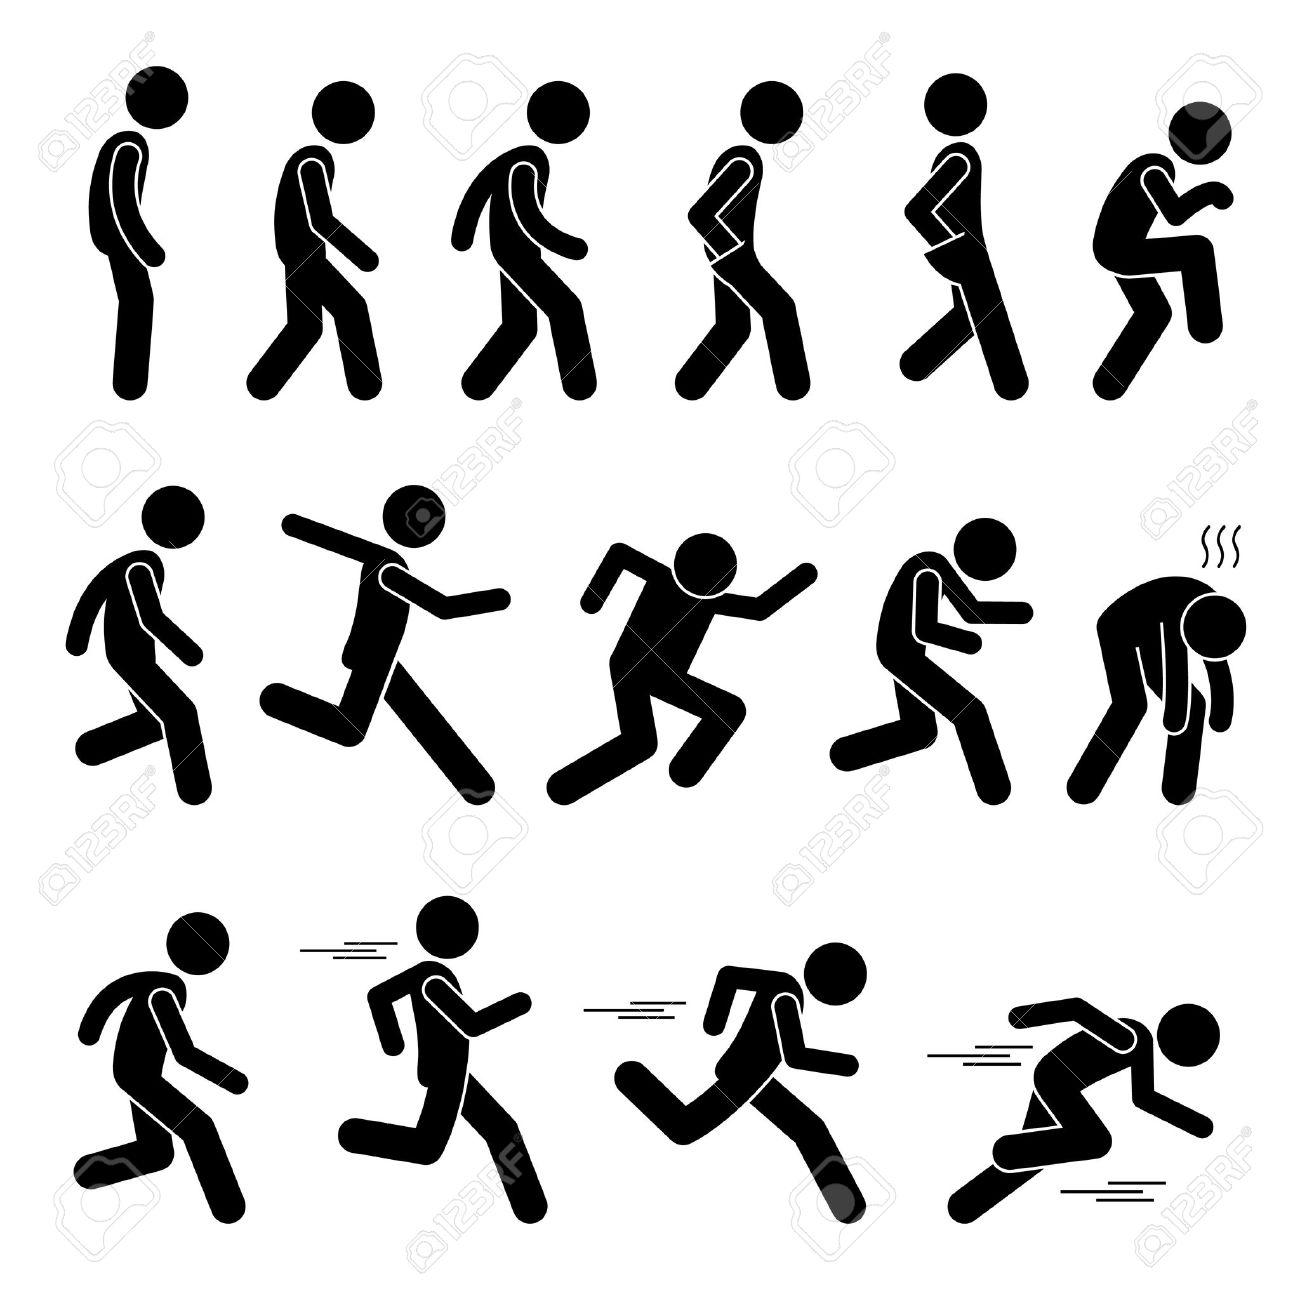 Various Human Man People Walking Running Runner Poses Postures Ways Stick Figure Stickman Pictogram Icons - 65458058